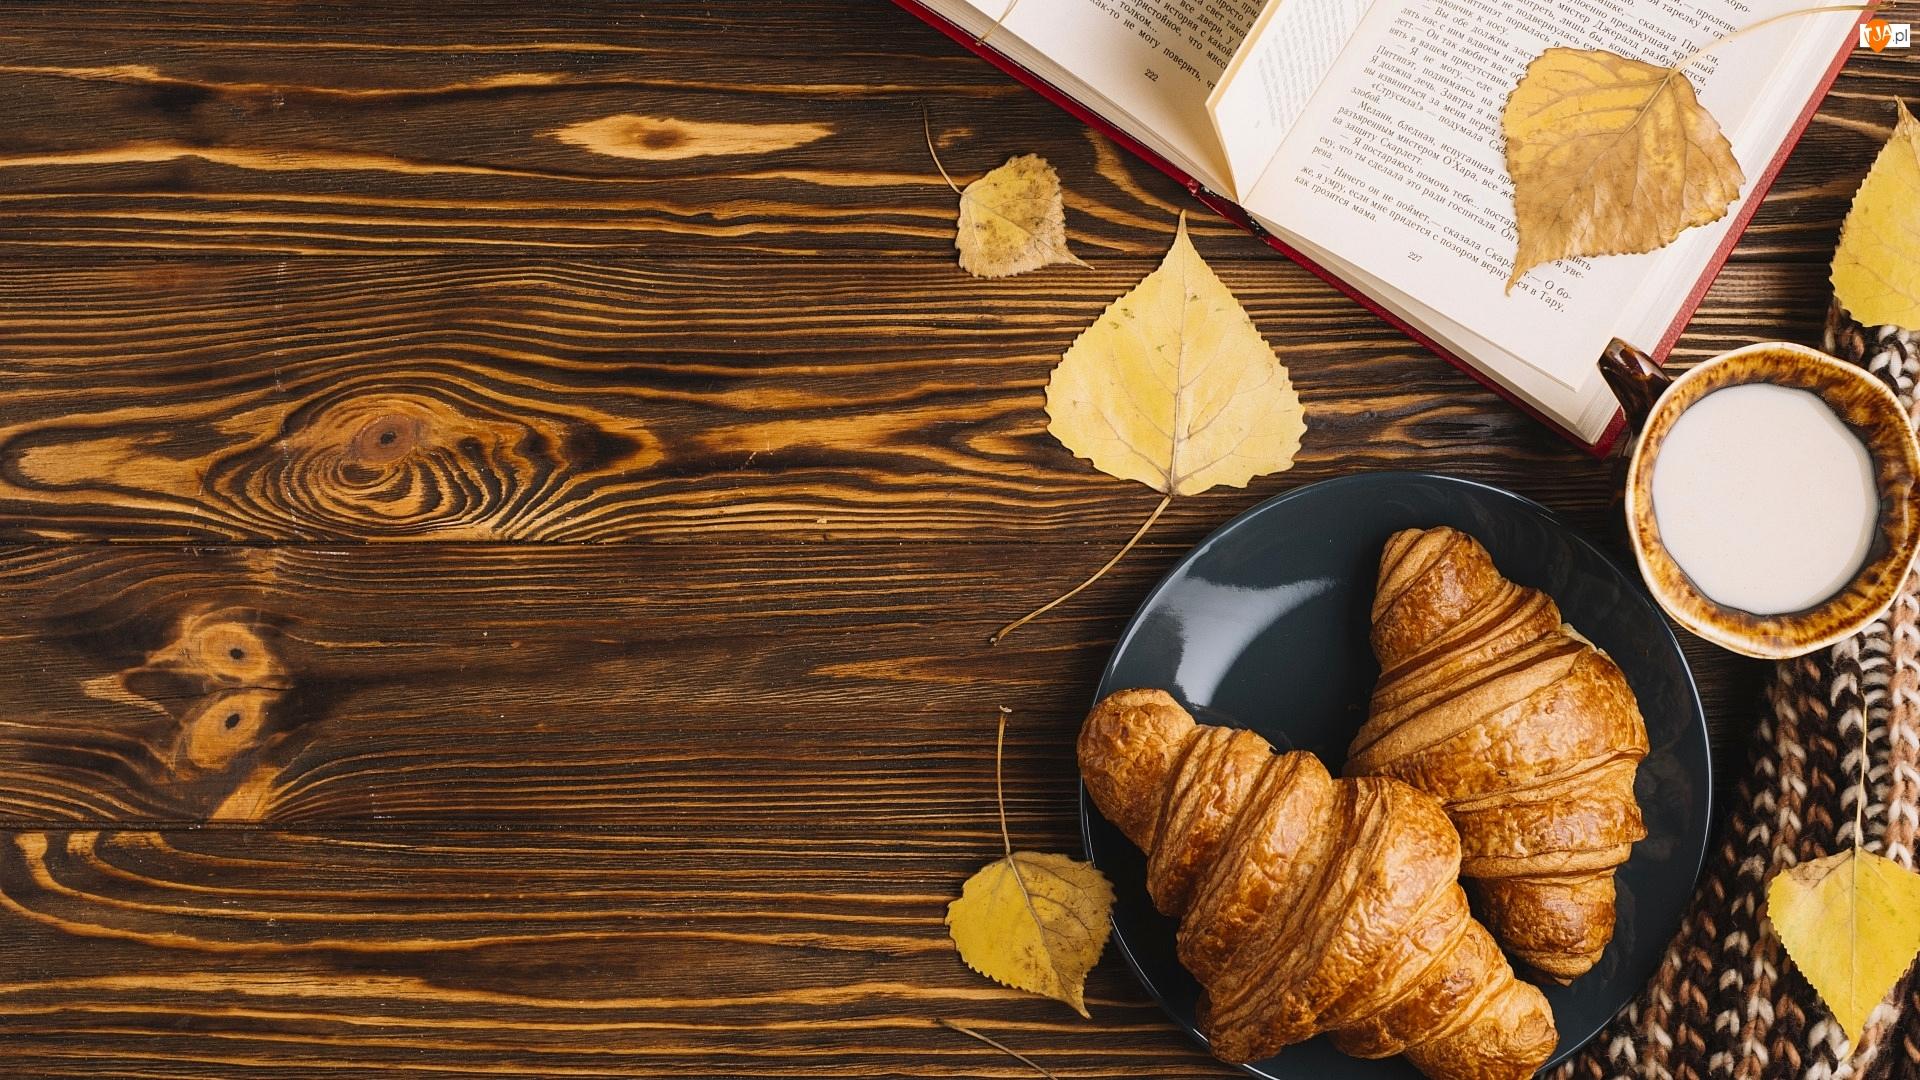 Deski, Croissanty, Książka, Szalik, Liście, Kubek, Mleka, Rogaliki, Talerz